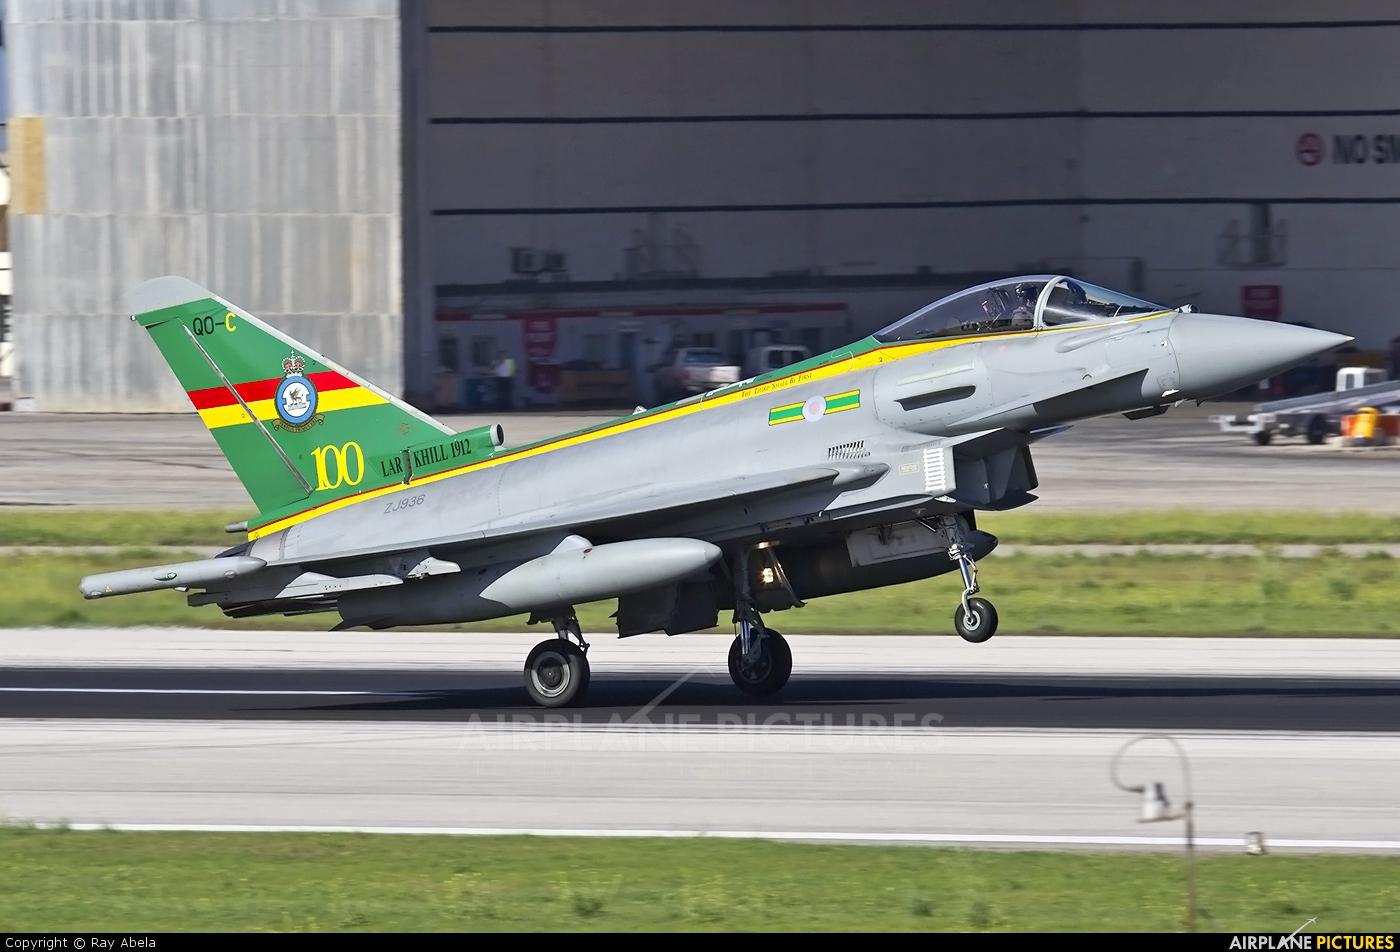 Royal Air Force ZJ936 aircraft at Malta Intl